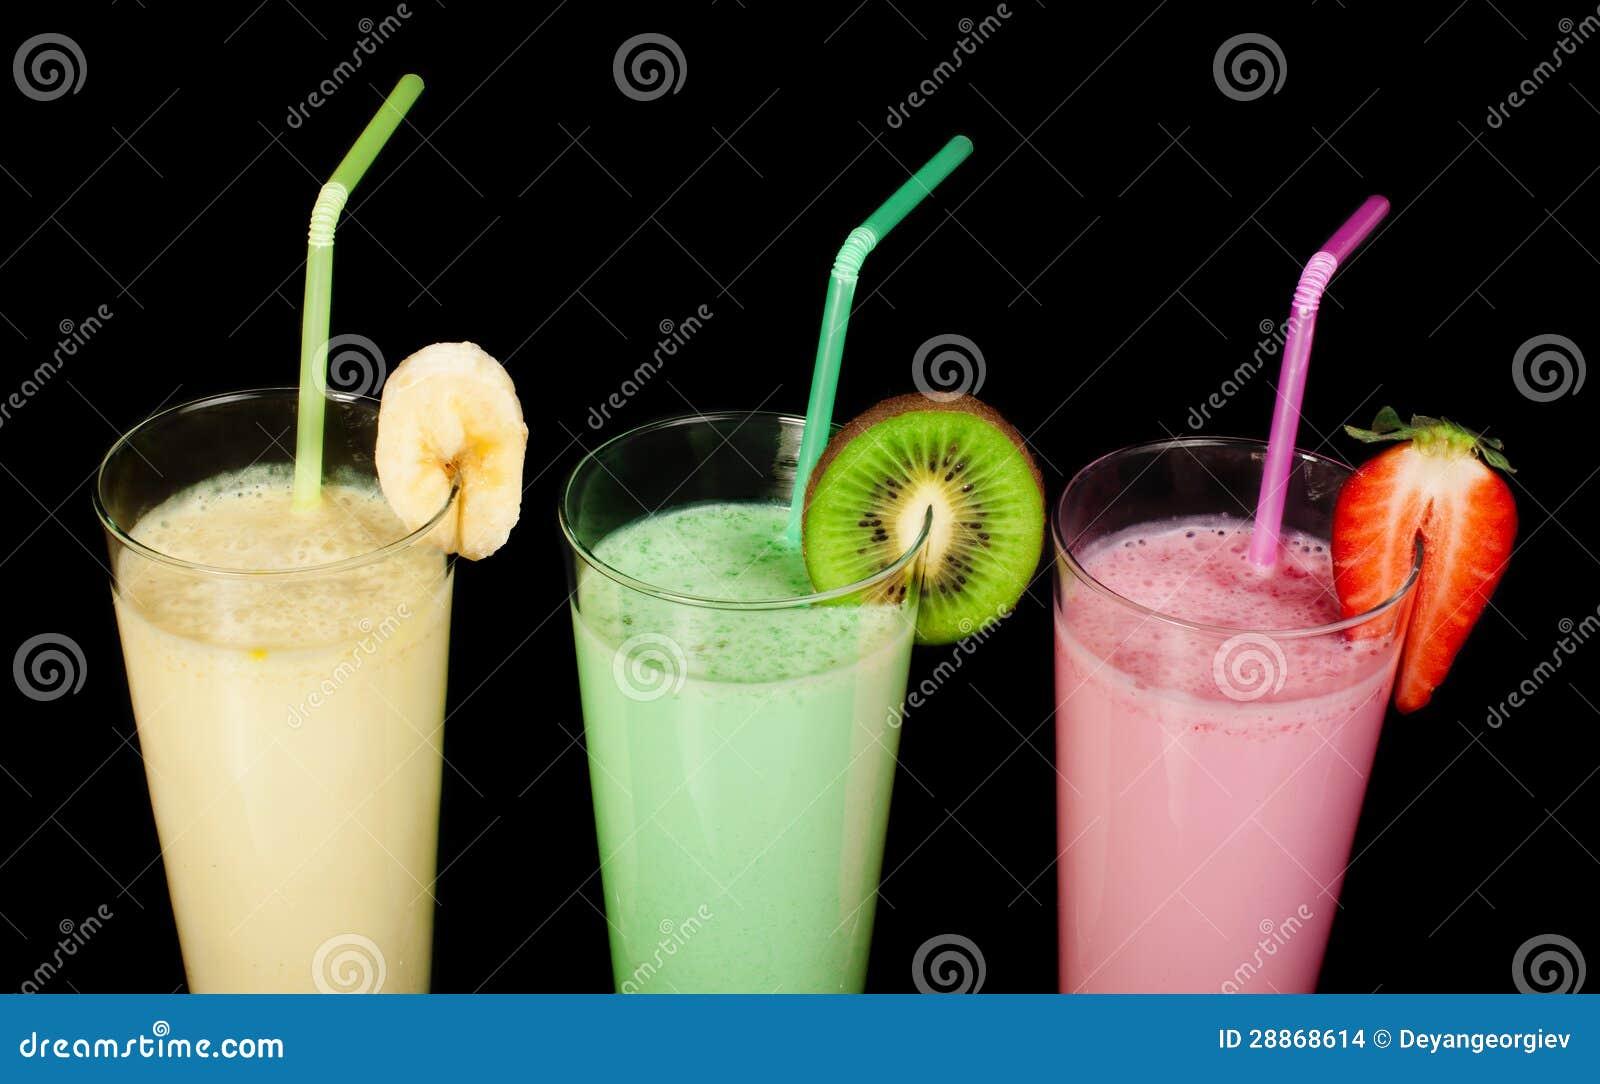 Молочный коктейль банана, кивиа и клубники и свежие fruis